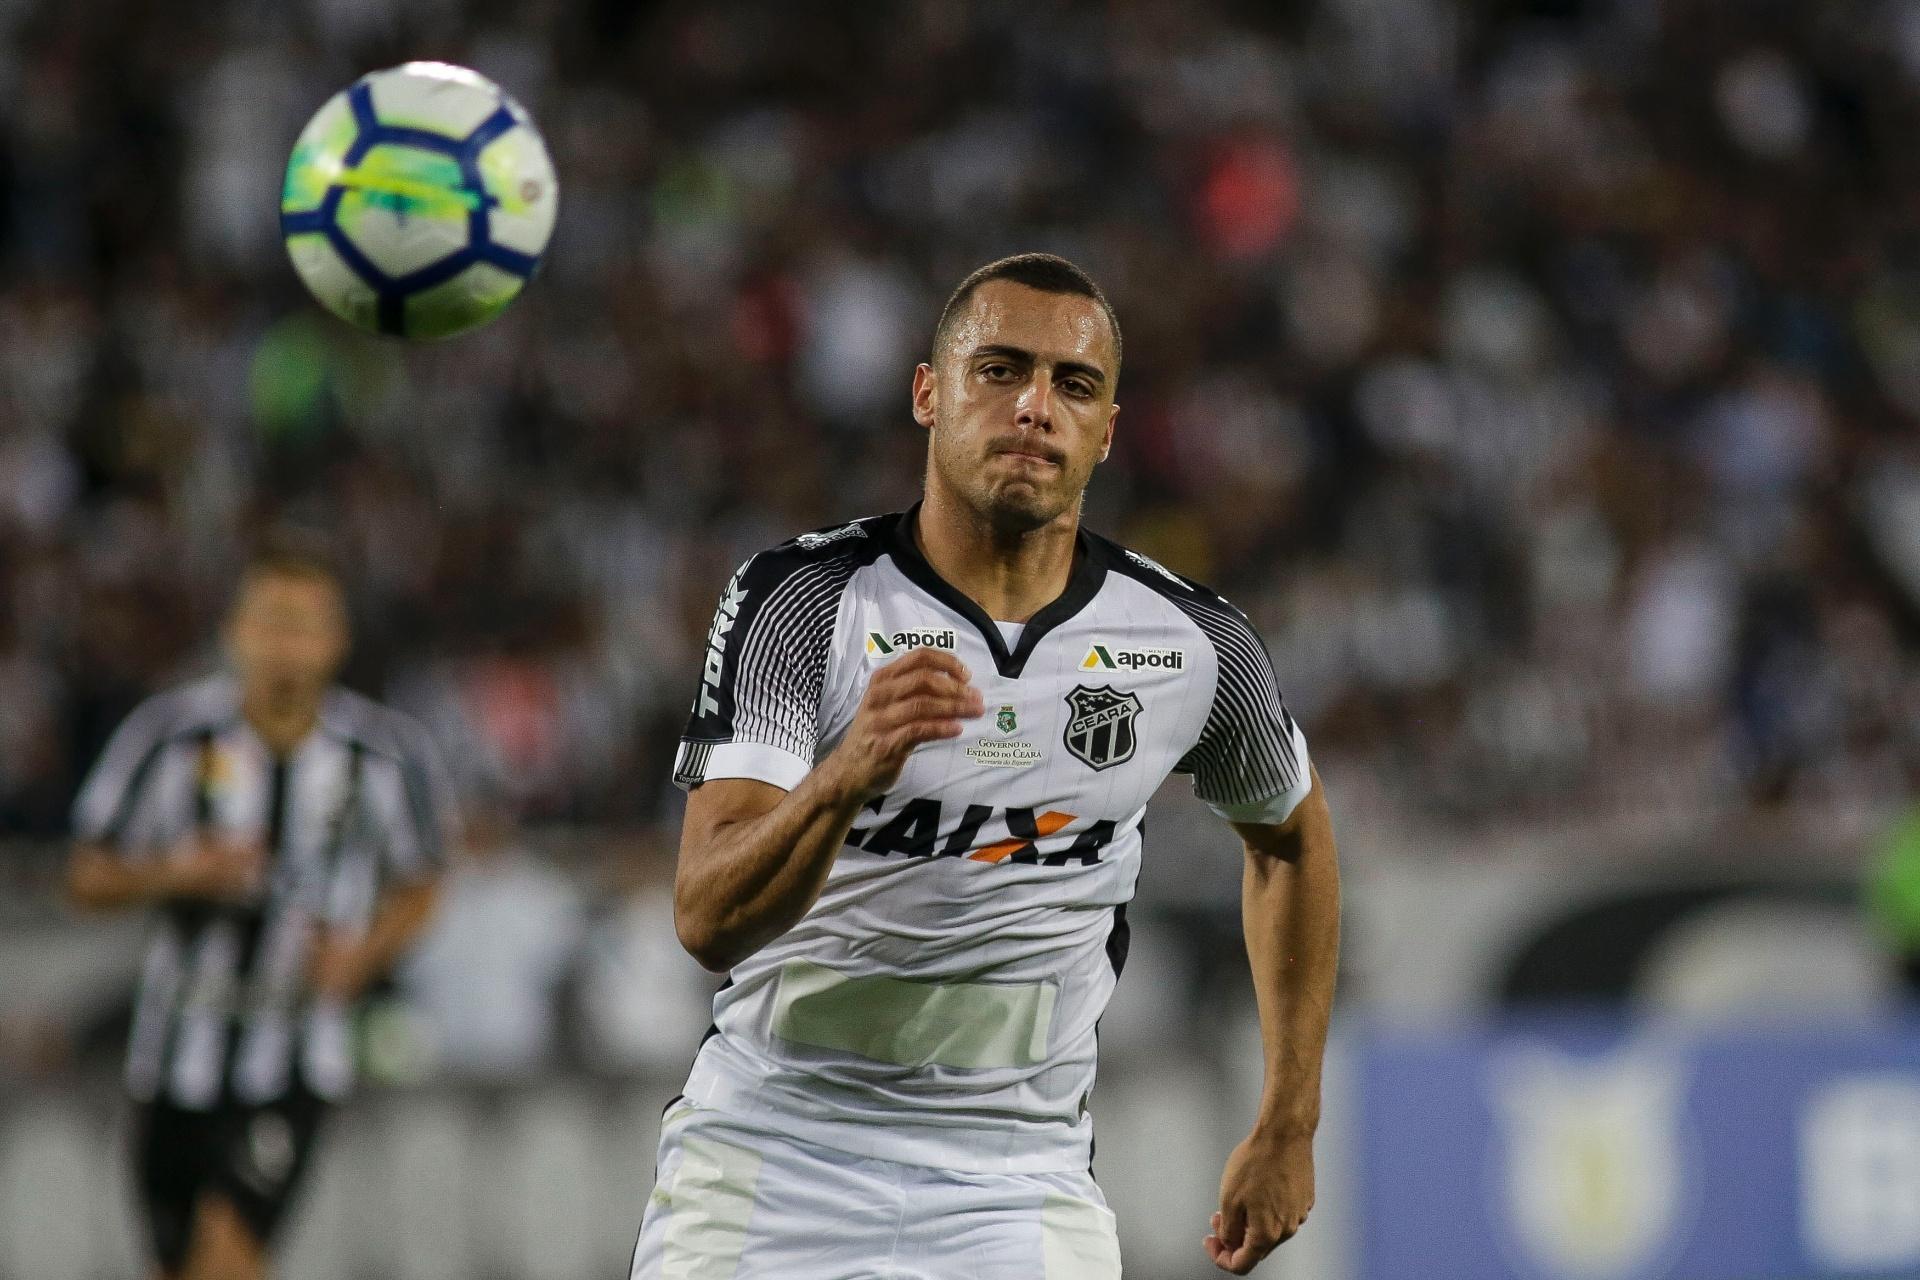 Palmeiras anuncia contratação de Arthur Cabral por cinco anos - 30 11 2018  - UOL Esporte cfe139c407a0d